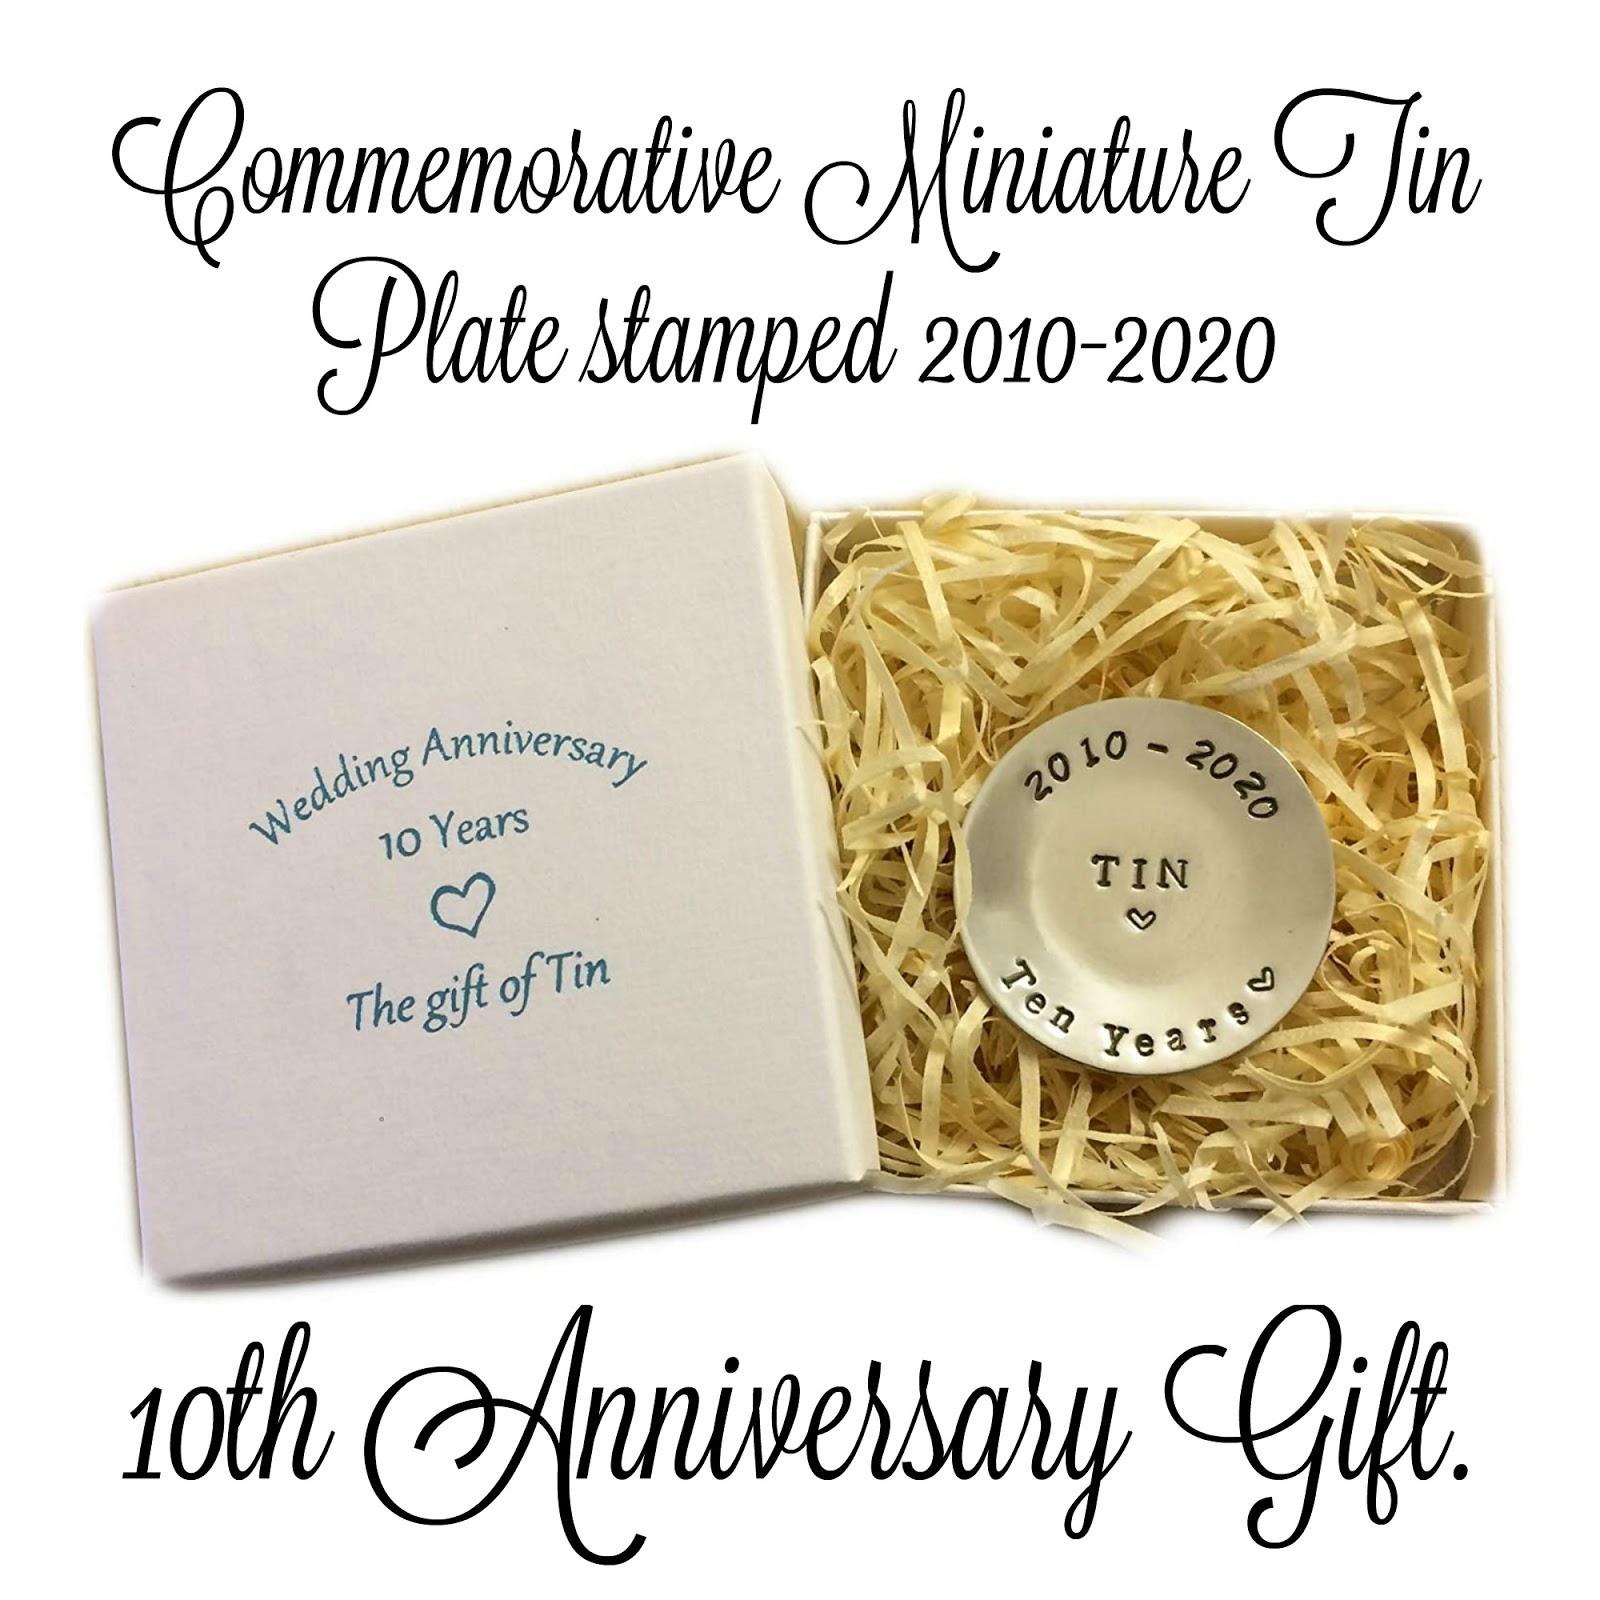 a 10th anniversary tin plate